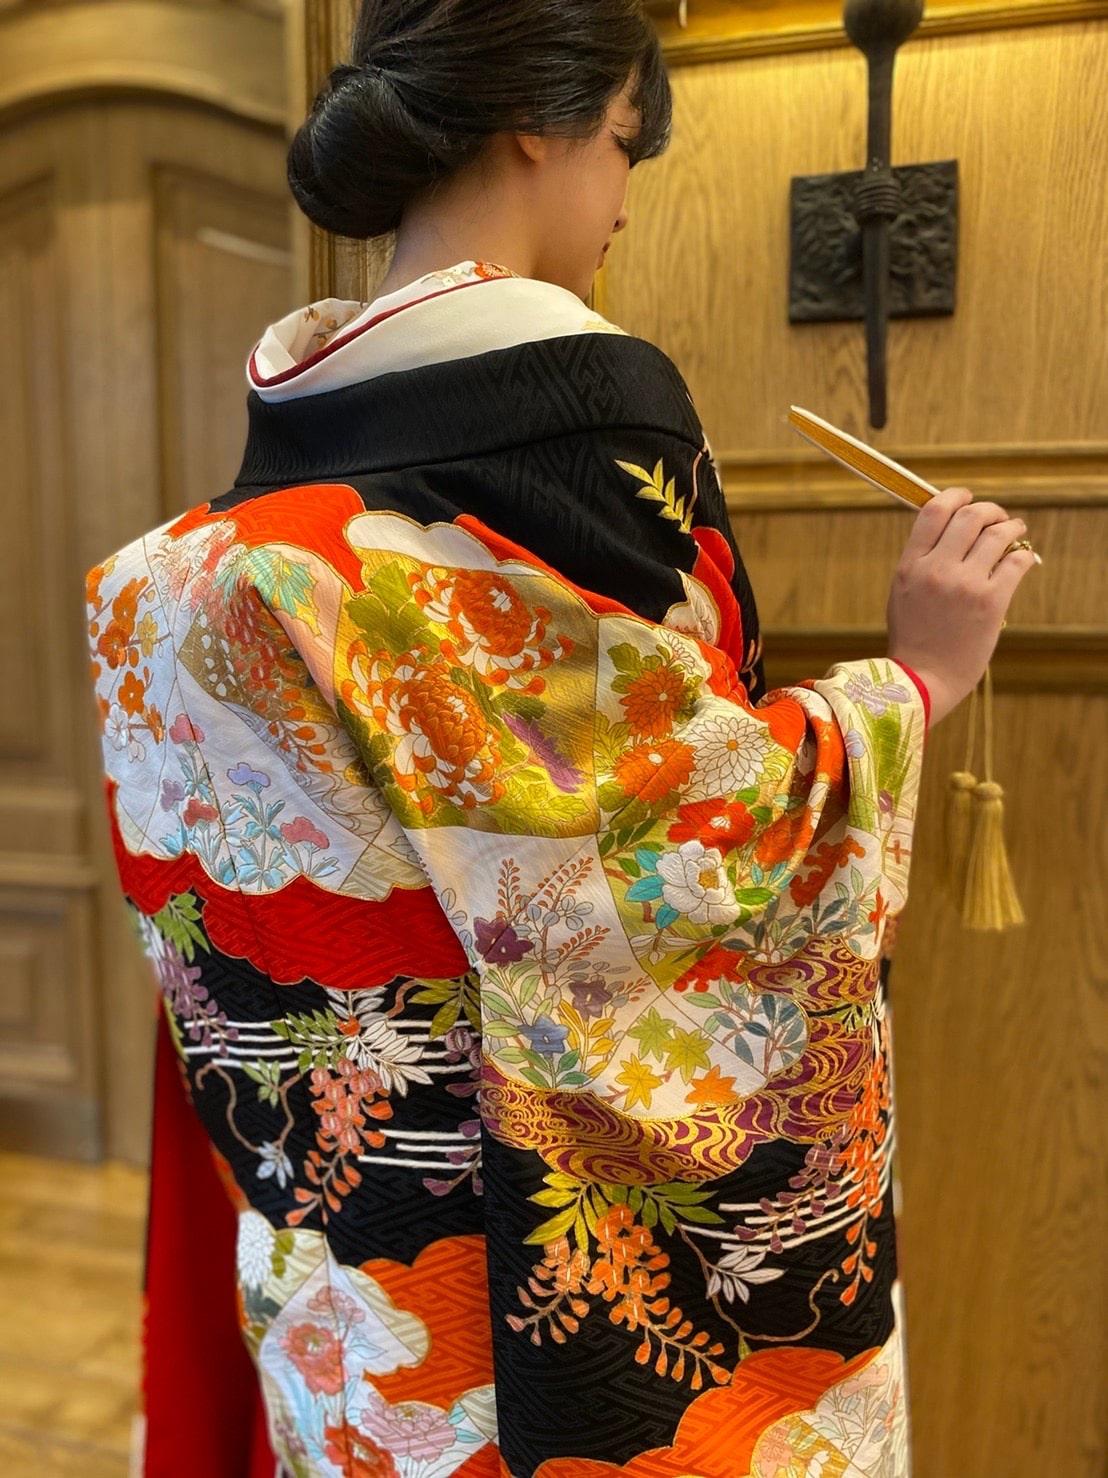 木目調の会場や、モダンなテイストがお好みの花嫁様におすすめの、和装のコーディネート